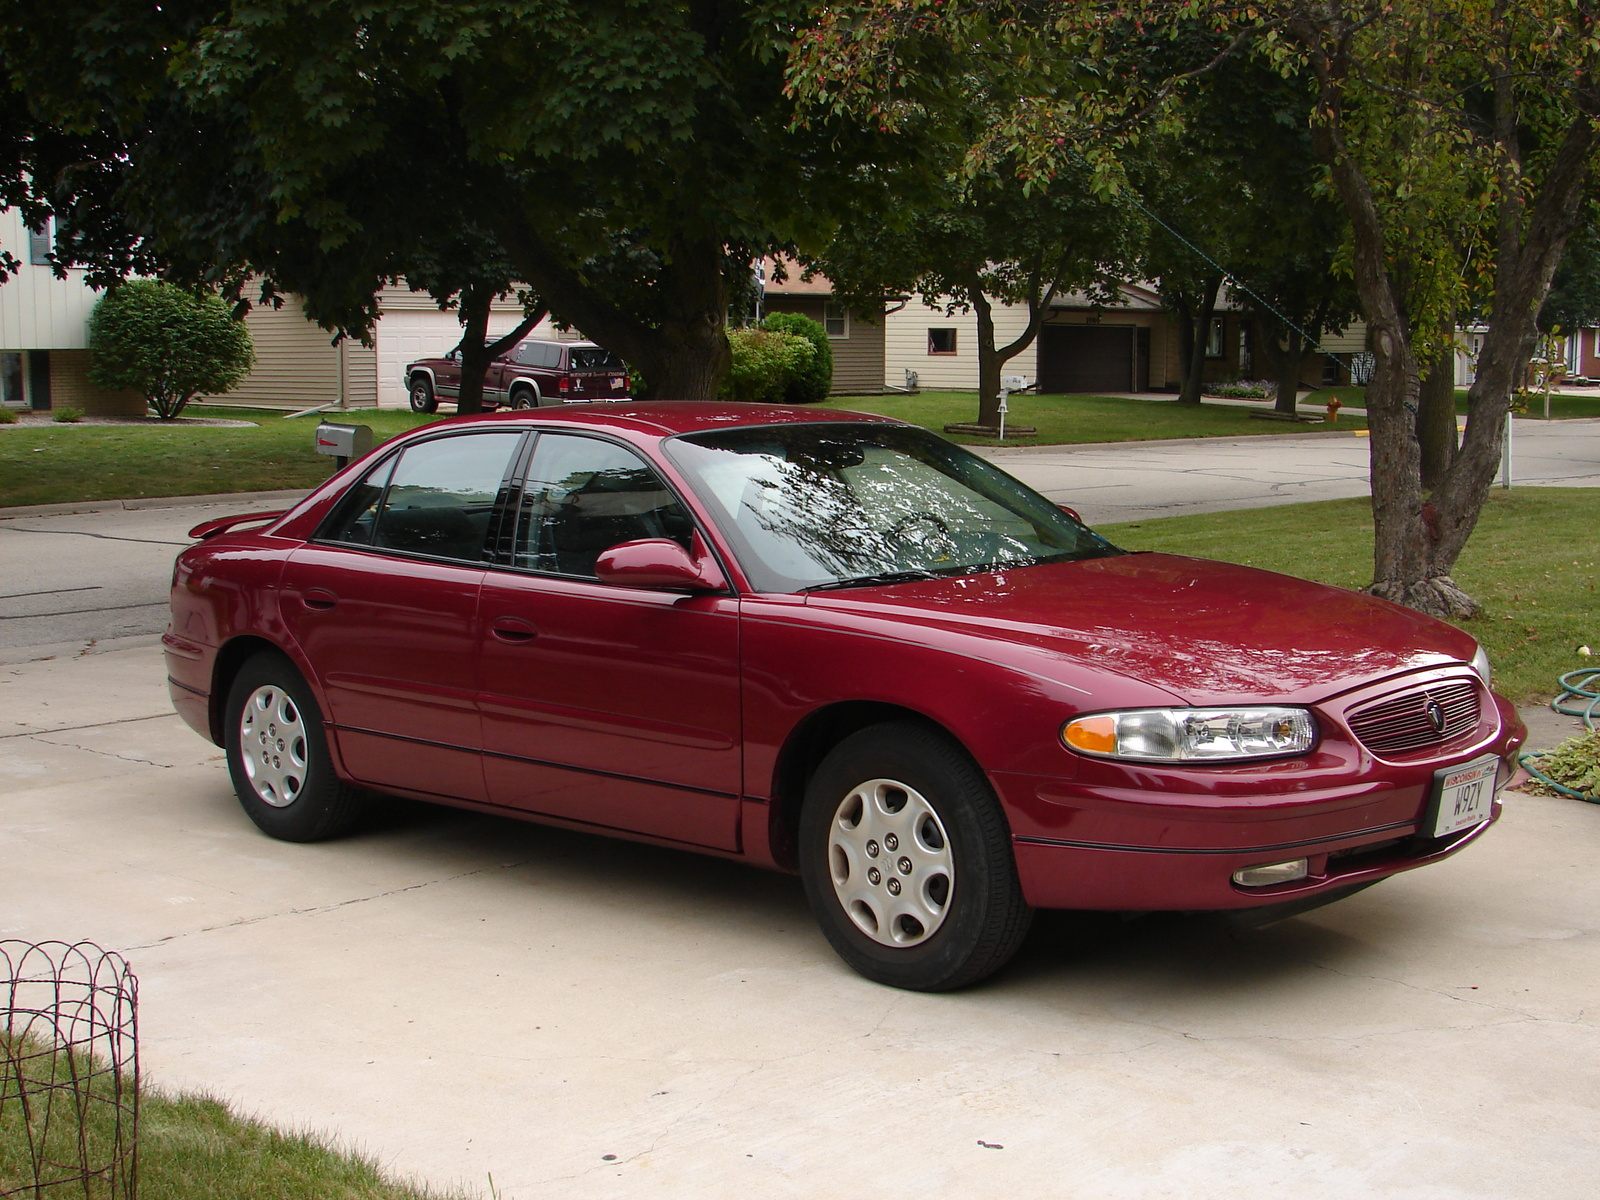 2003 Buick Regal Pictures Cargurus